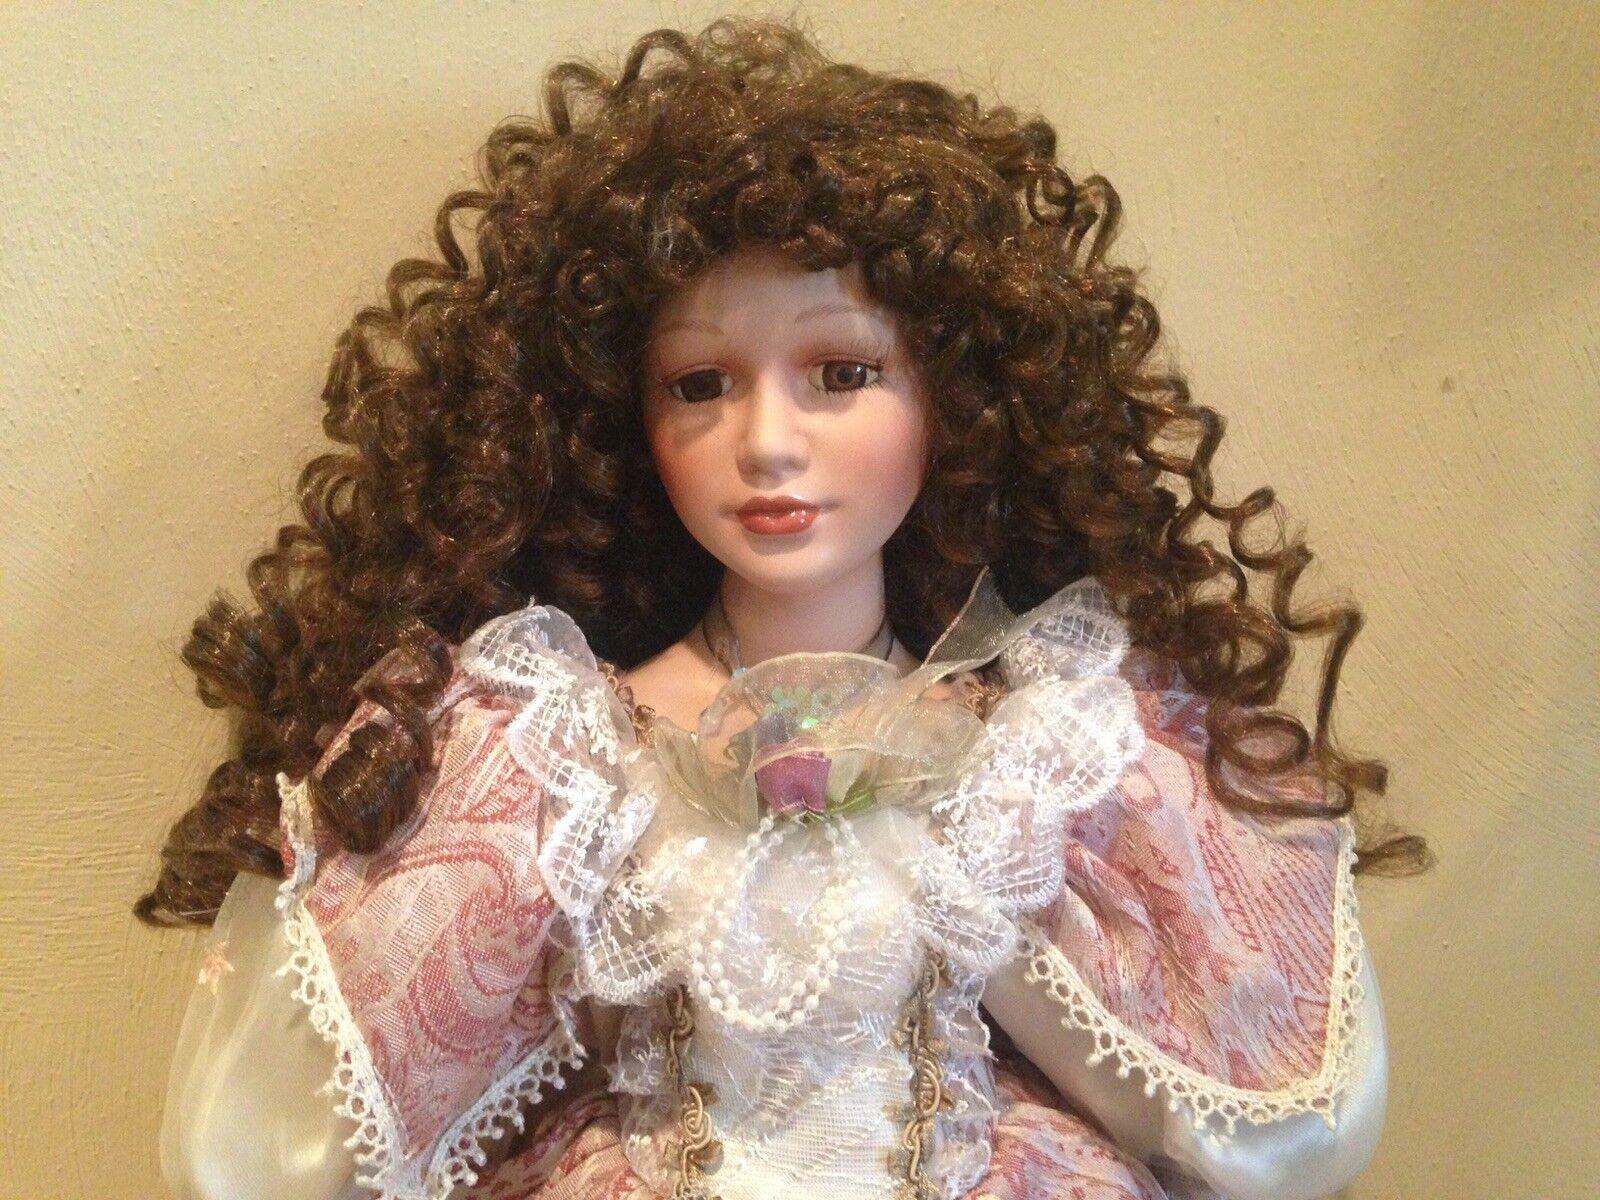 Cathy collection  porcelain bambola  Mavis   negozio di vendita outlet